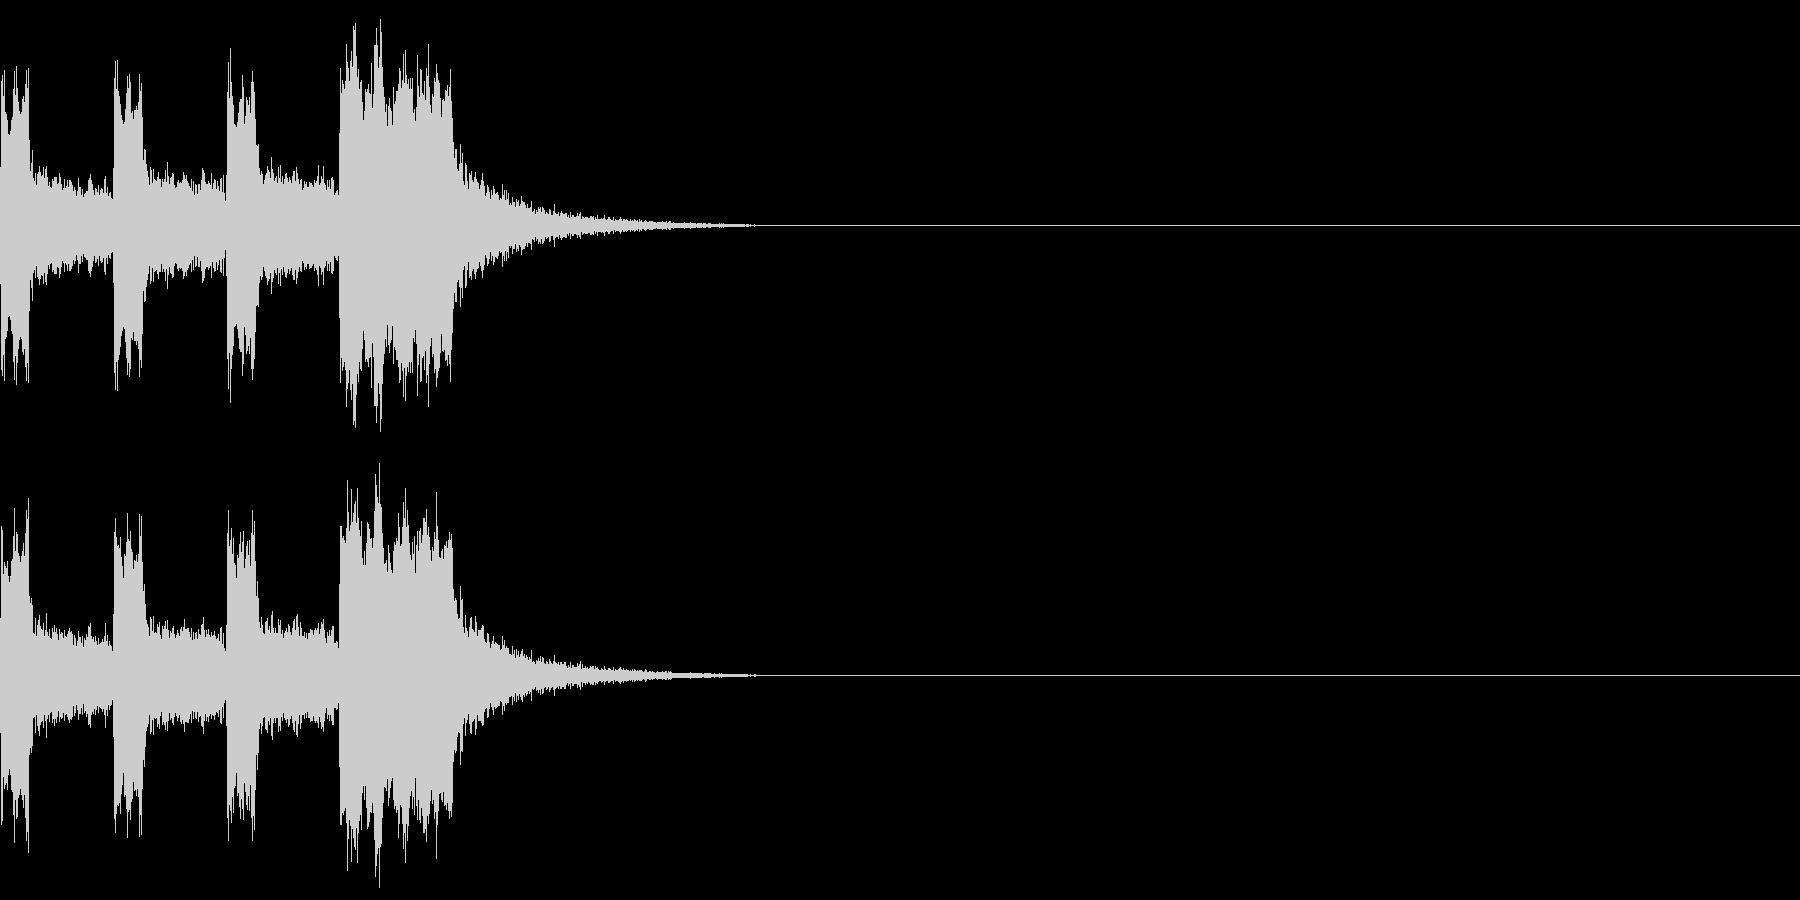 カウントダウン&スタート!(PC風)の未再生の波形